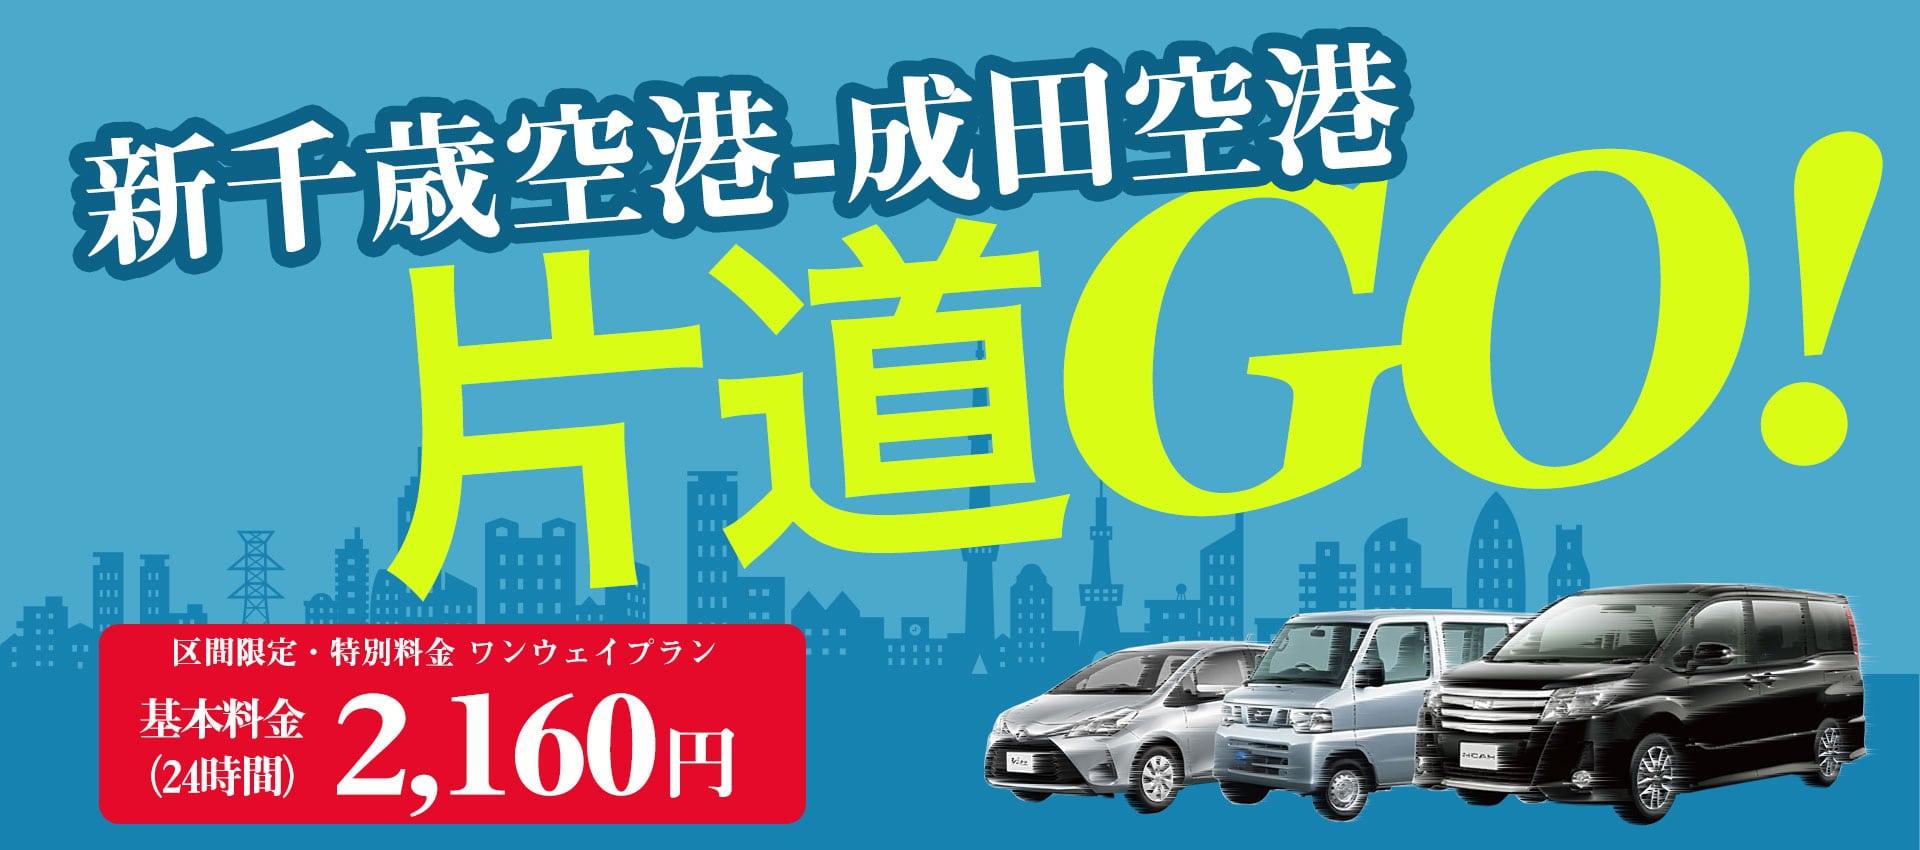 新千歳空港から成田空港へのワンウェイレンタカープラン